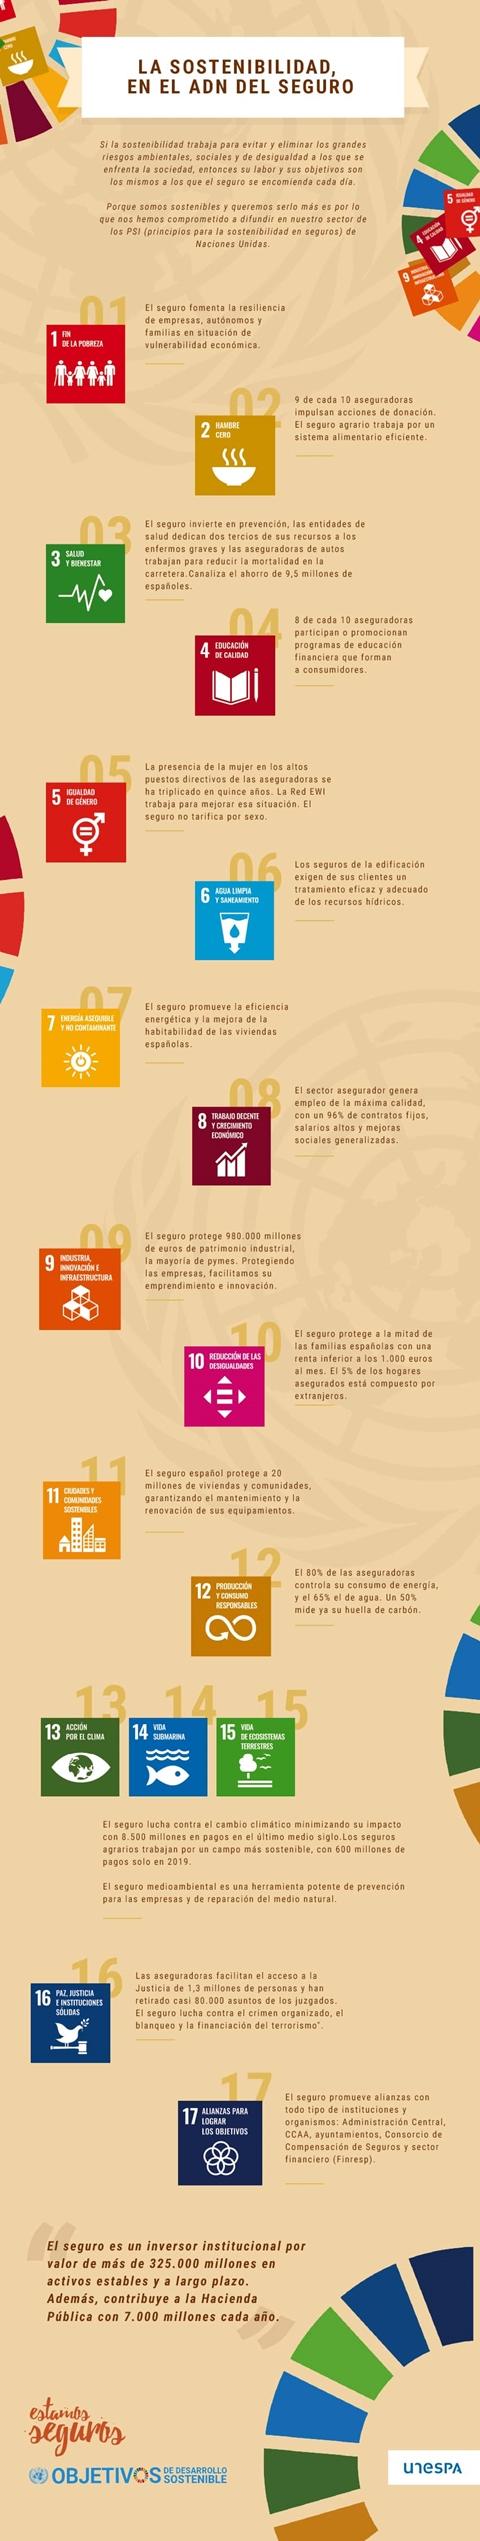 sostenibilidad-adn-seguro